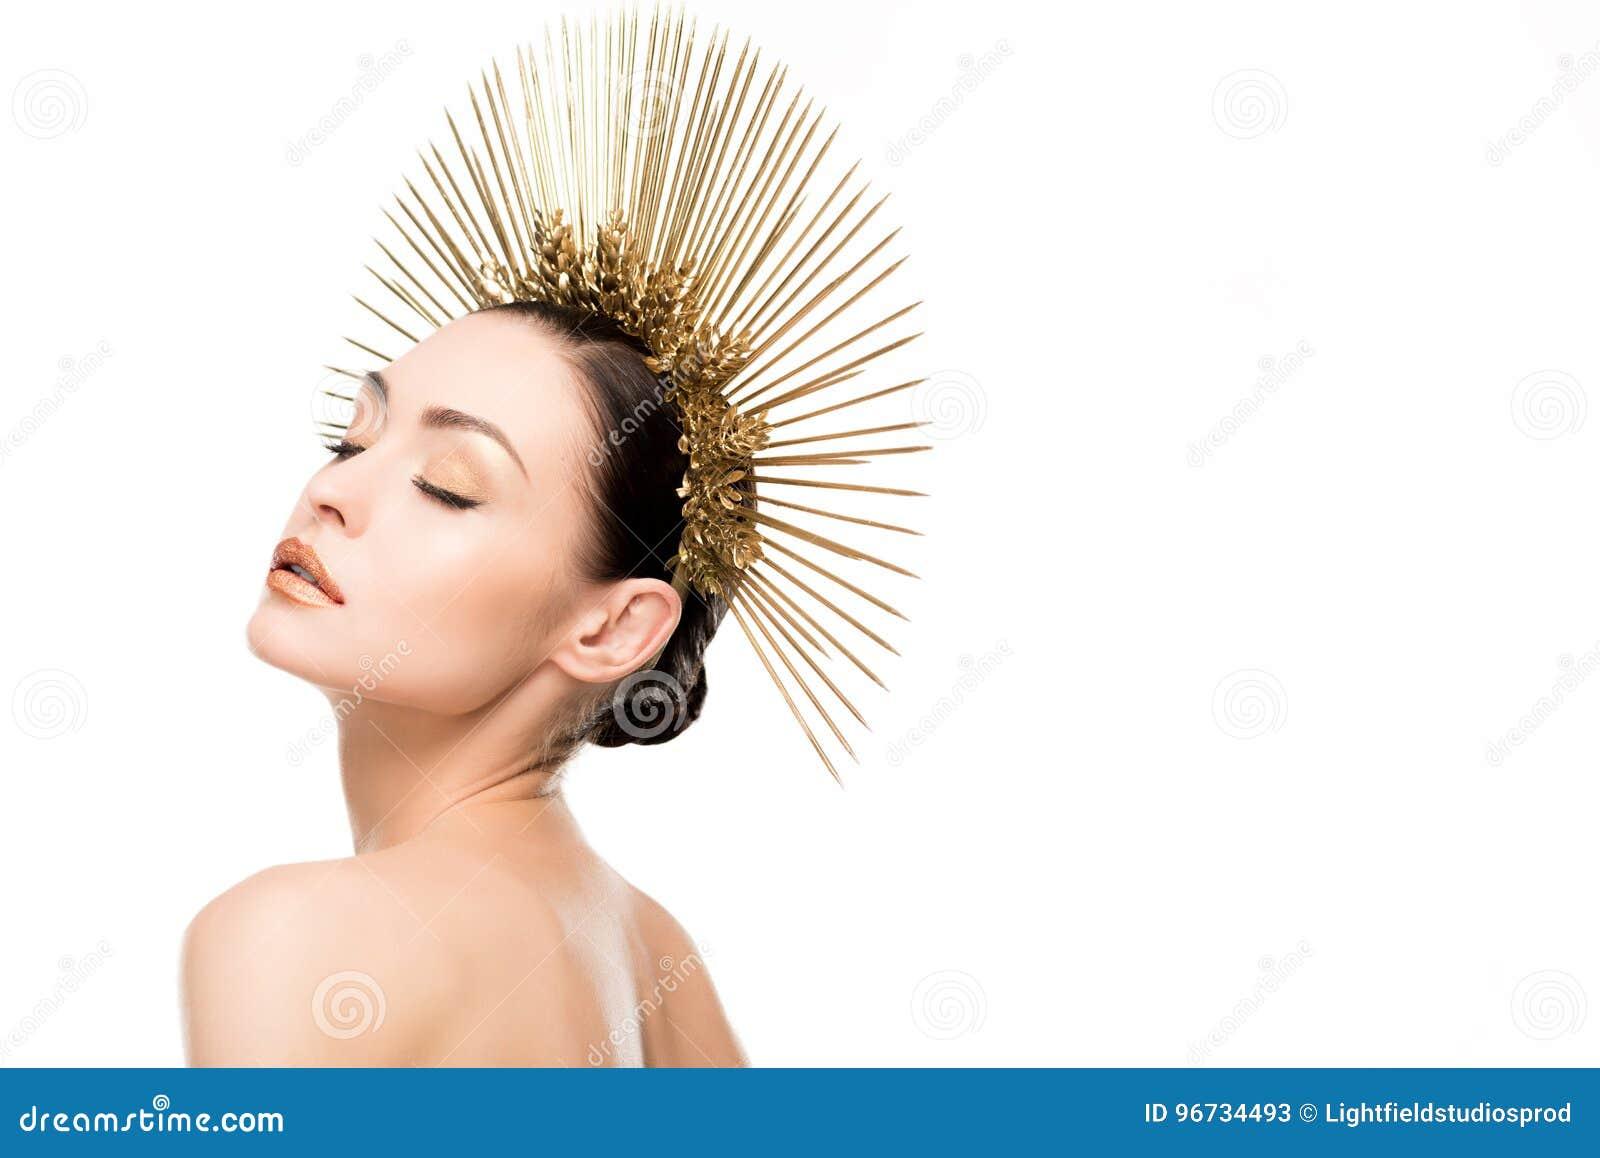 Zmysłowa naga kobieta jest ubranym złotego headpiece z zamkniętymi oczami